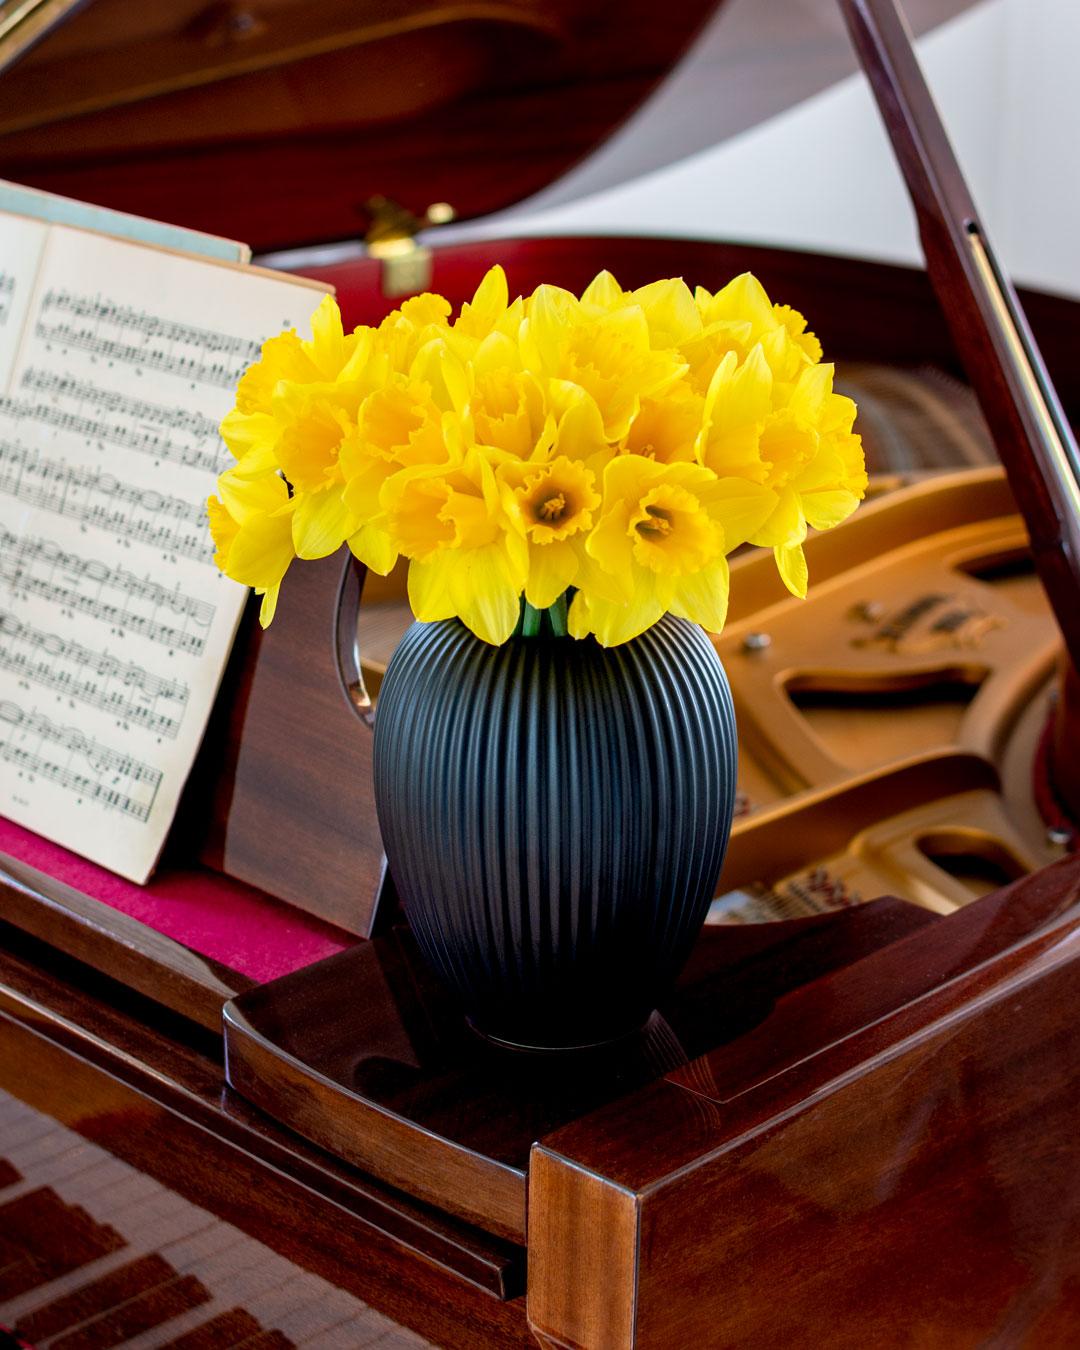 Sort vase fra Michael Andersen Keramik med påskeliljer på flugel af mørk træsort